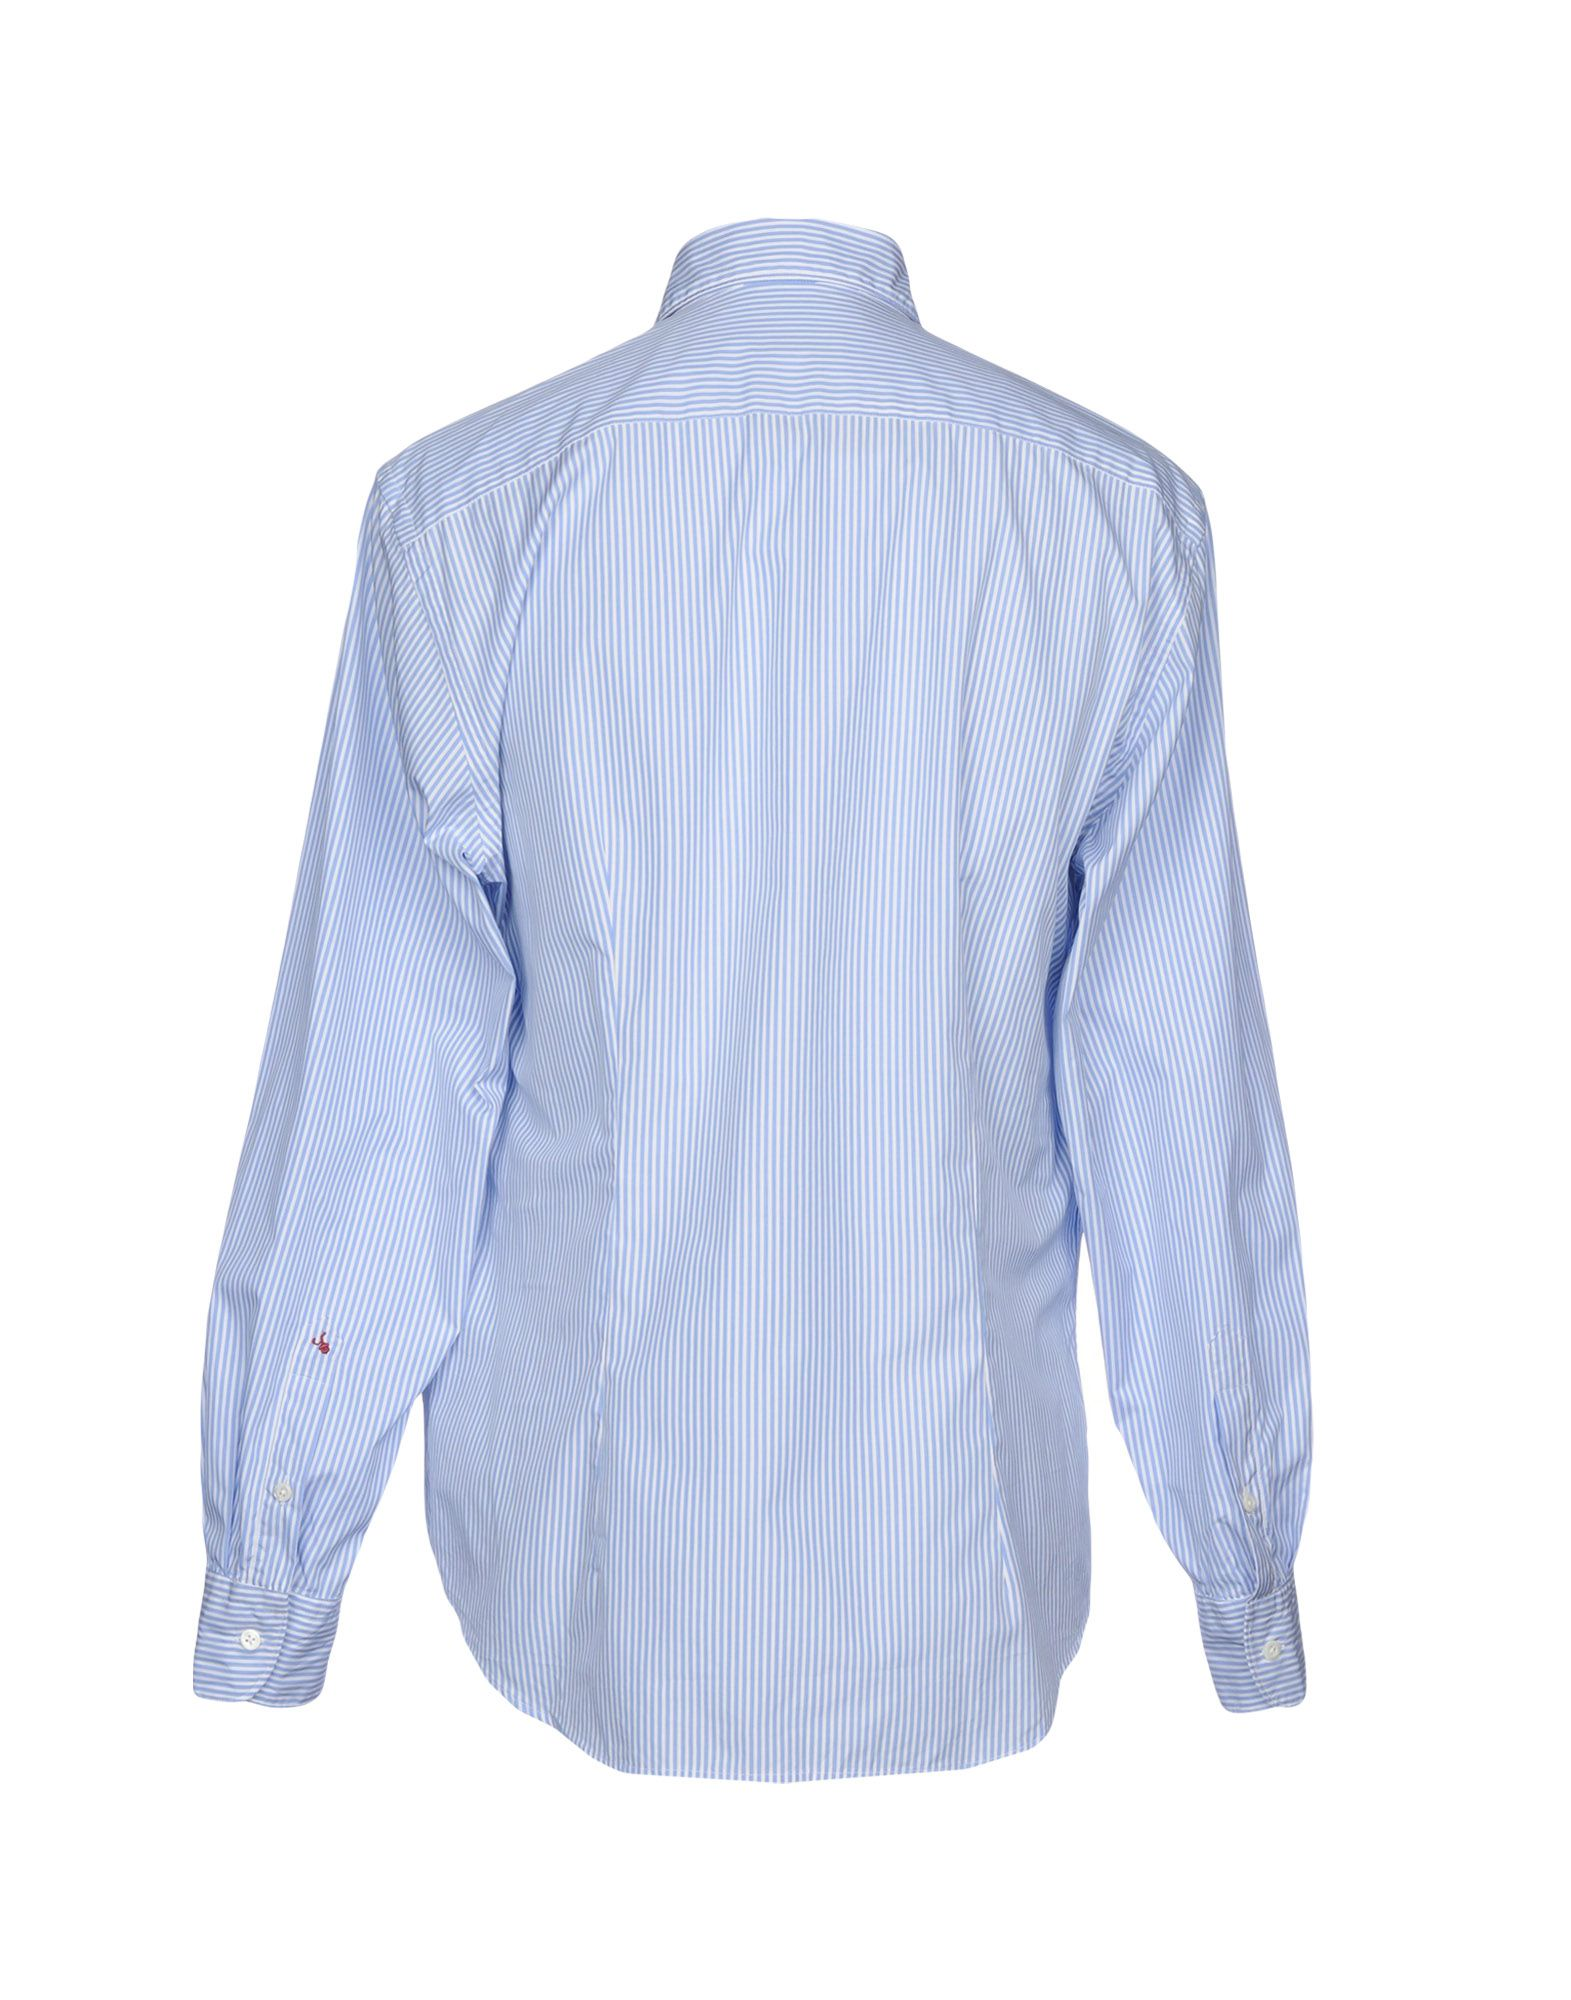 Camicia A Righe Righe A Glanshirt Uomo - 38758054JK f36a49